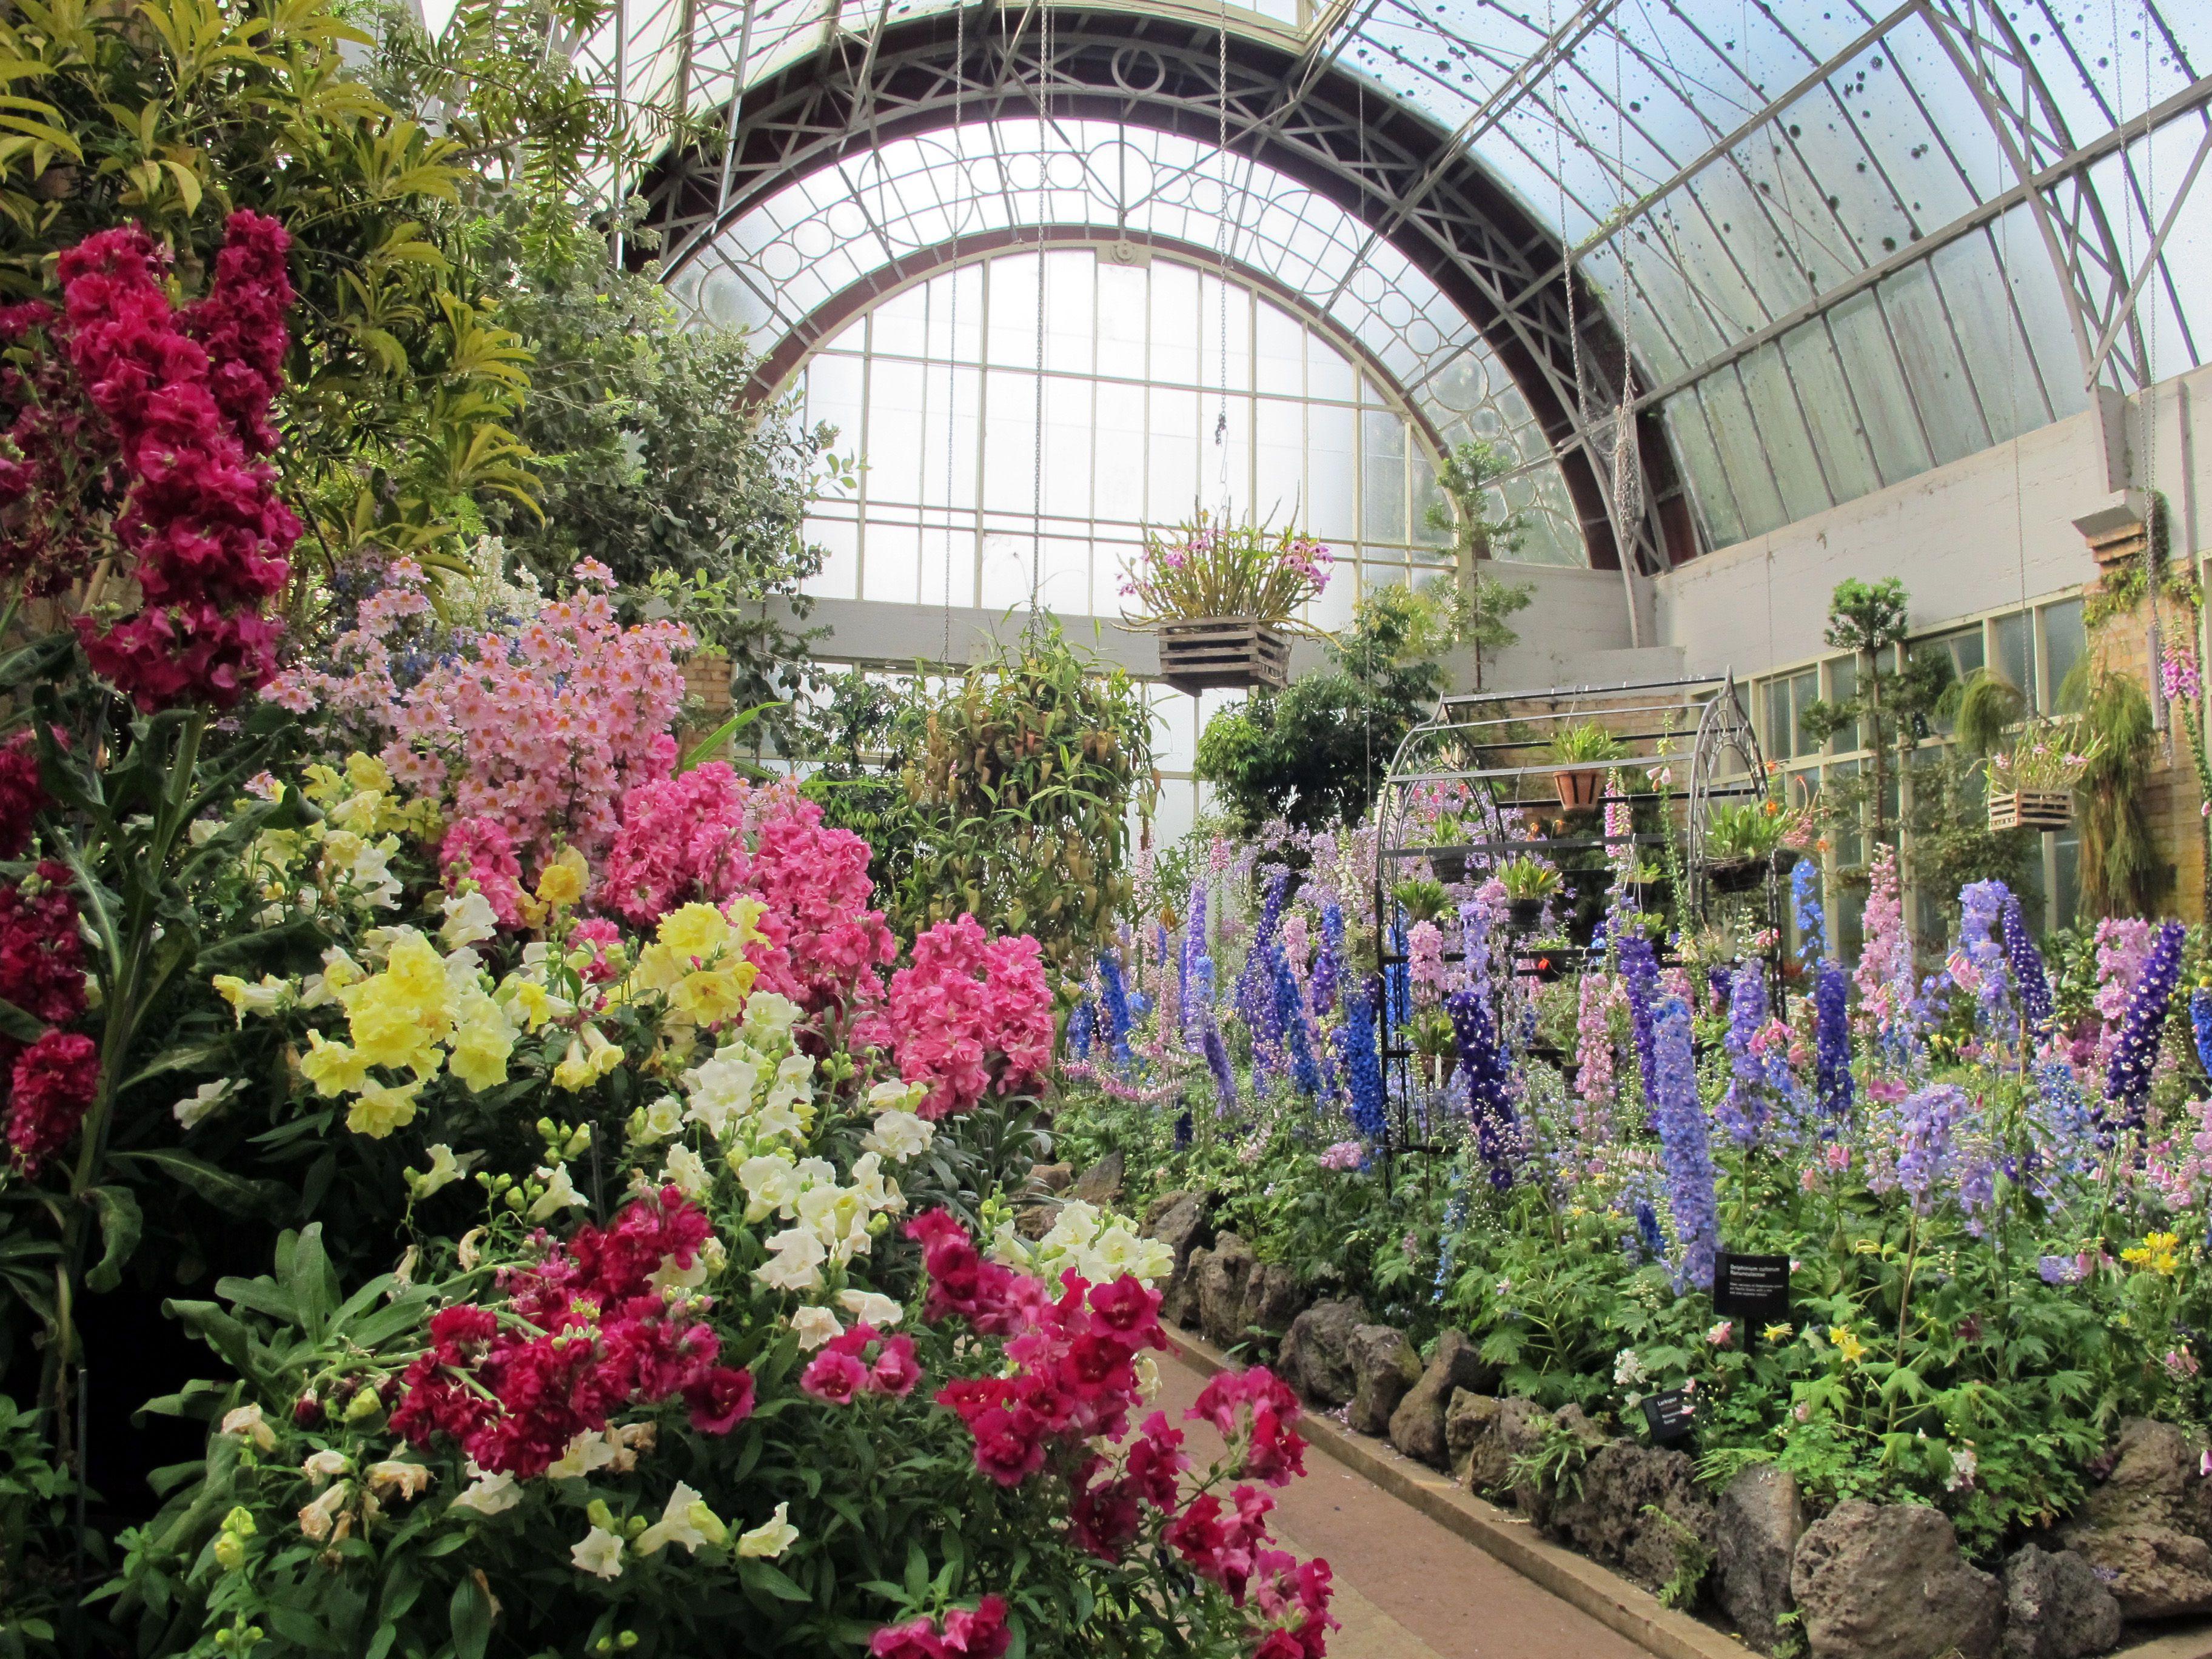 auckland winter gardens inside new zealand pinterest